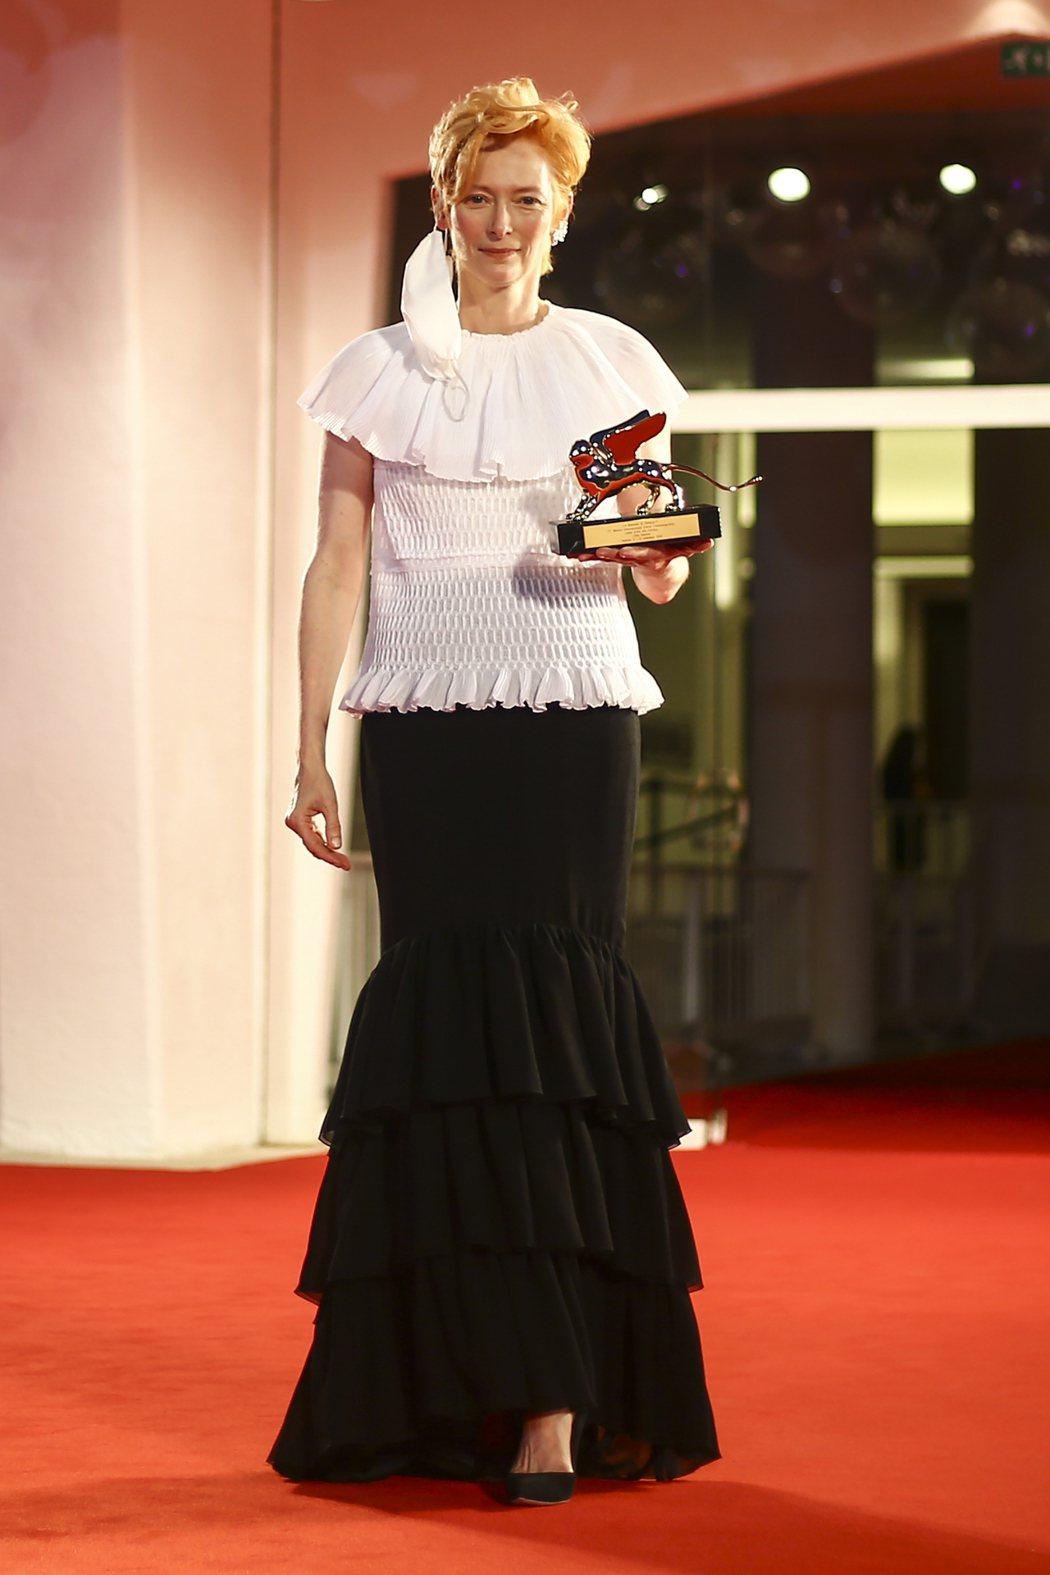 蒂妲史雲頓獲威尼斯影展頒發終身成就獎,拍照時把口罩摘下、垂在臉旁。圖/美聯社